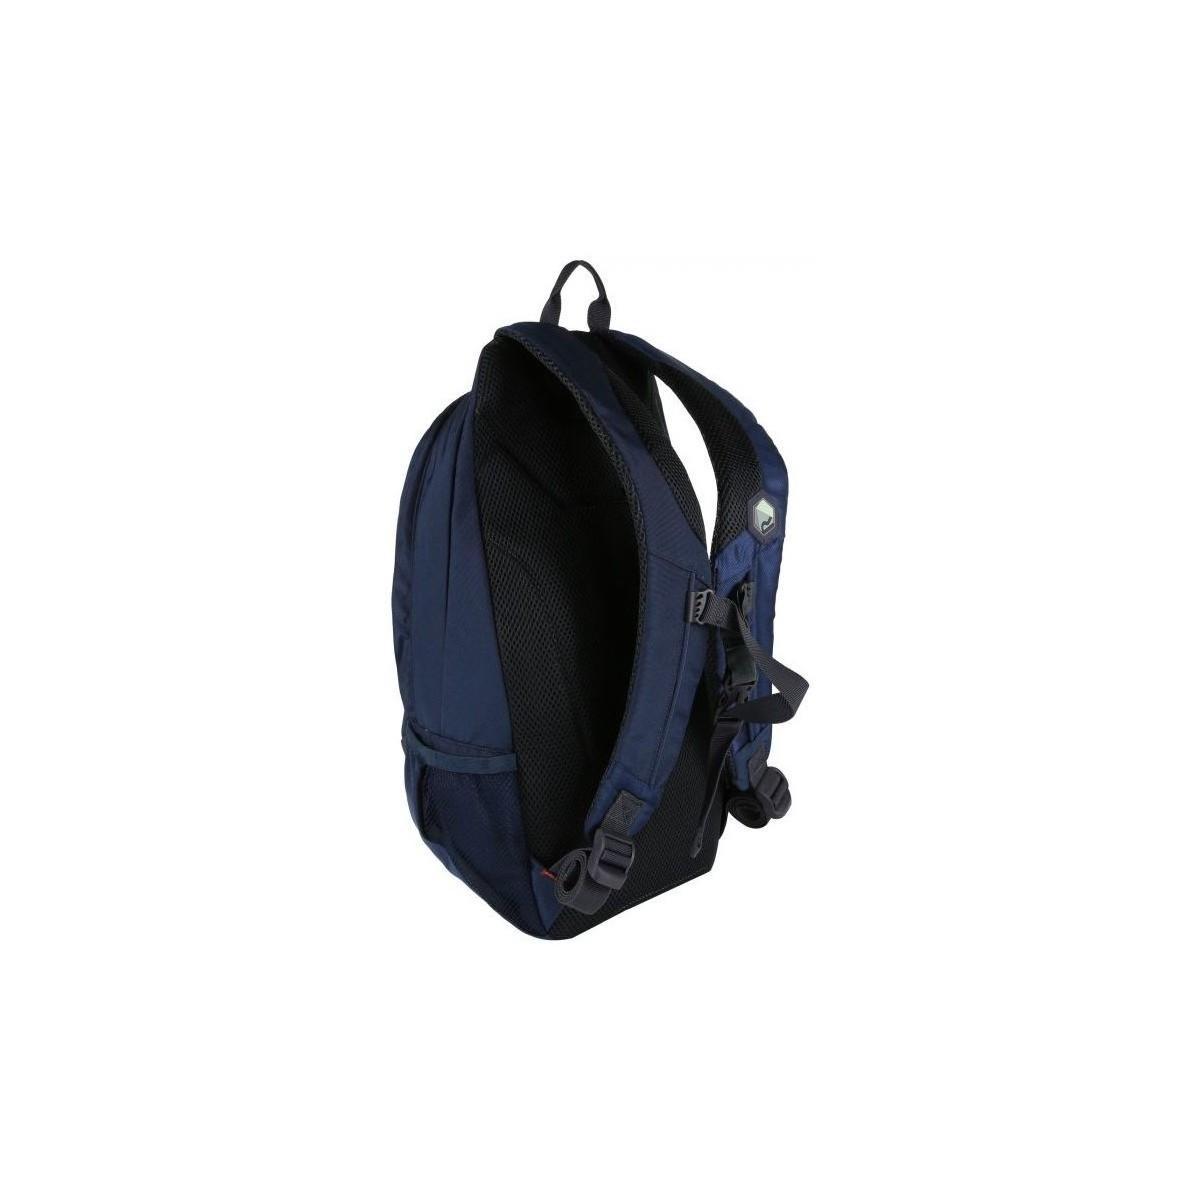 Regatta Unisex Brize II 20L Rucksack Blue